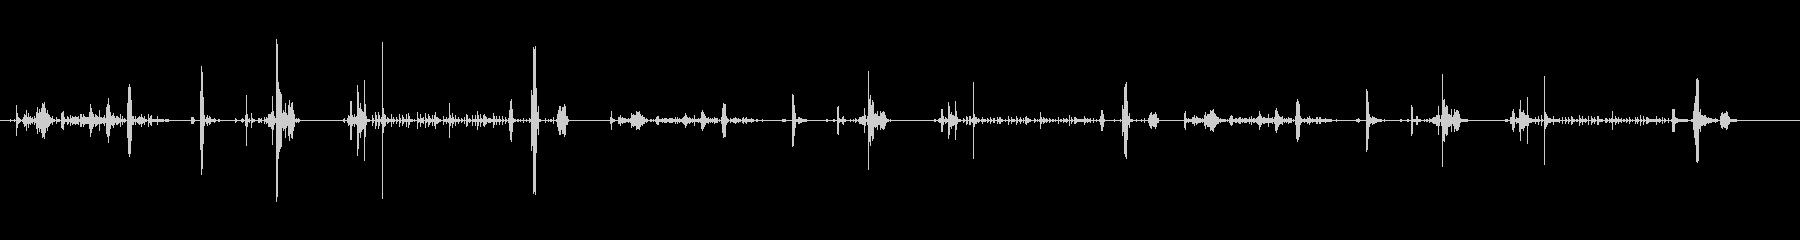 クリンクス、キーキー、ホイール、チ...の未再生の波形